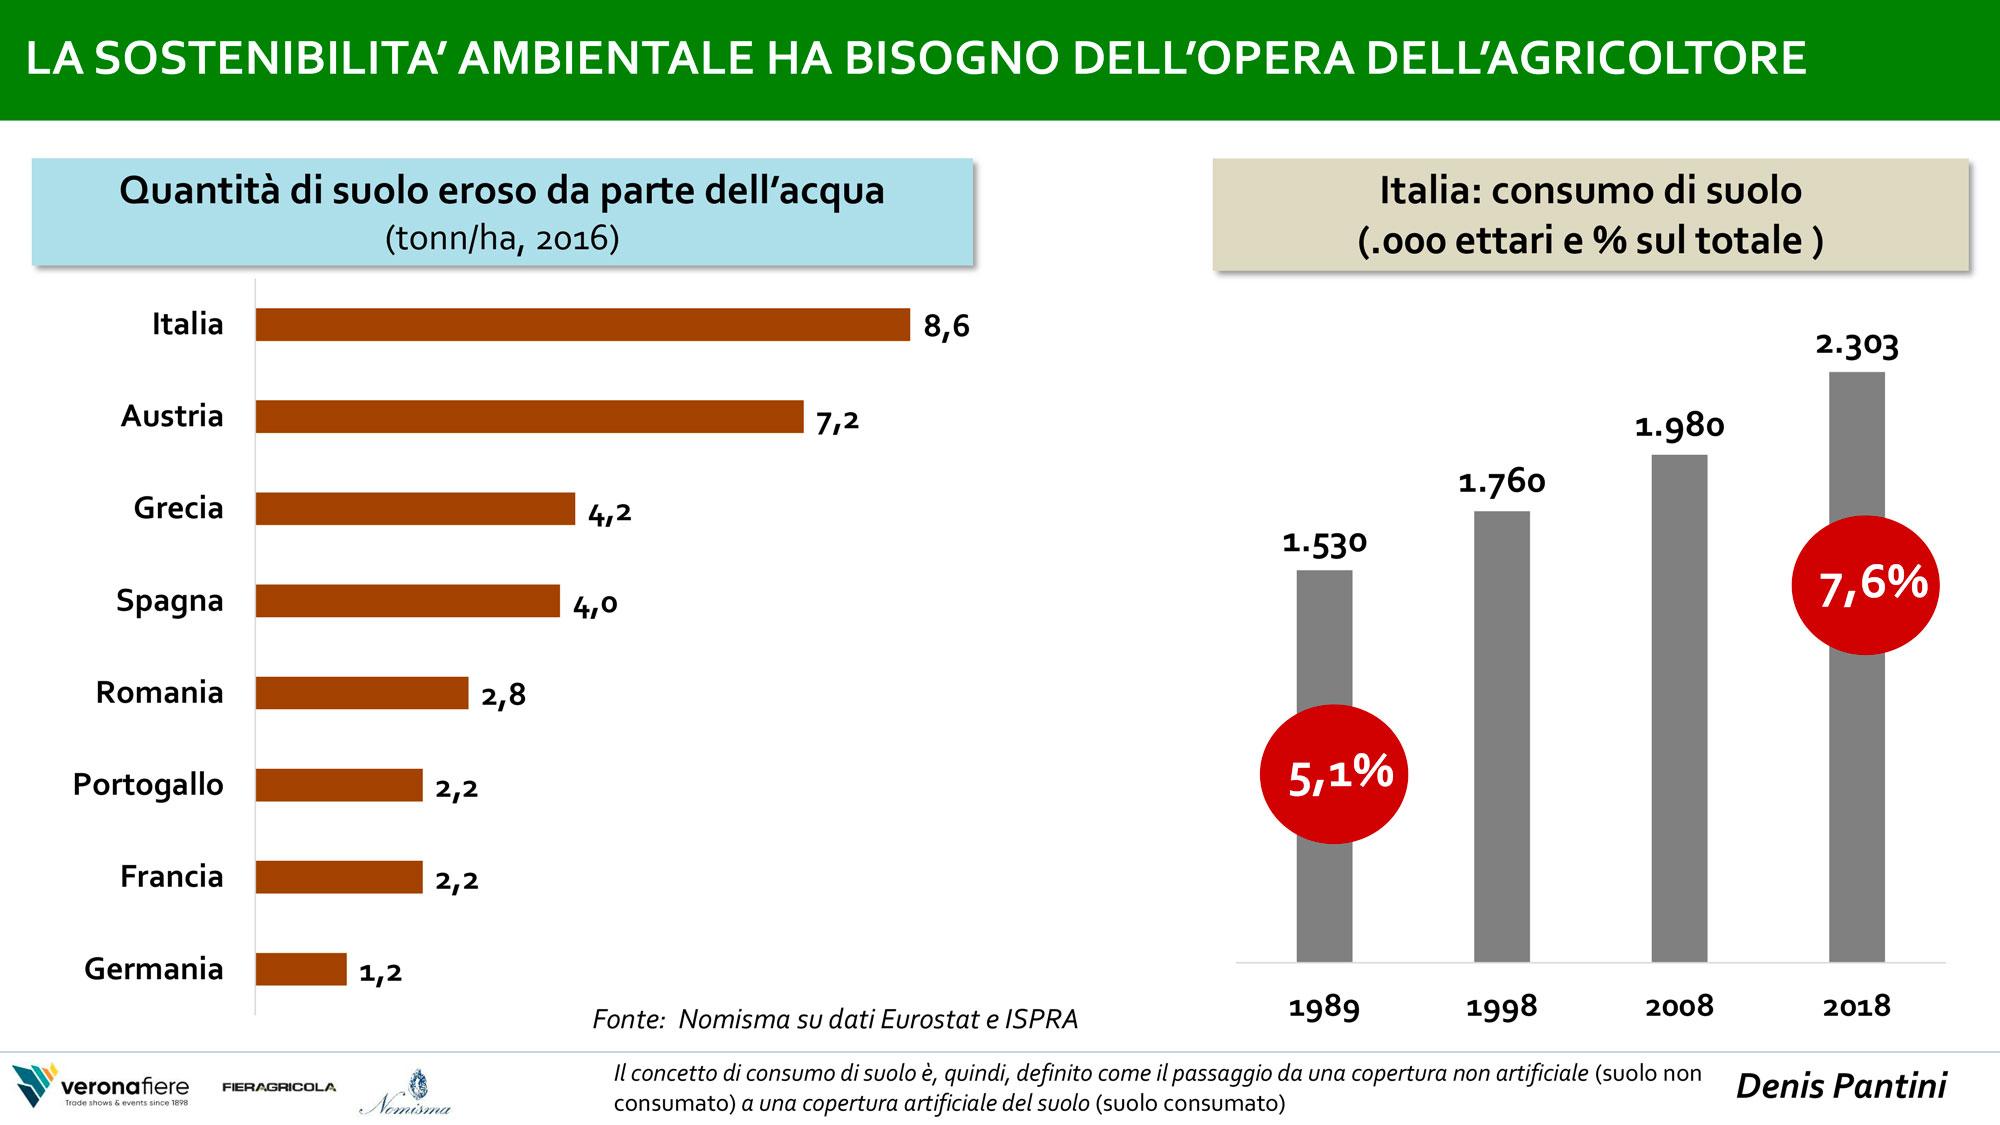 dati su erosione del suolo e settore agroalimentare italiano